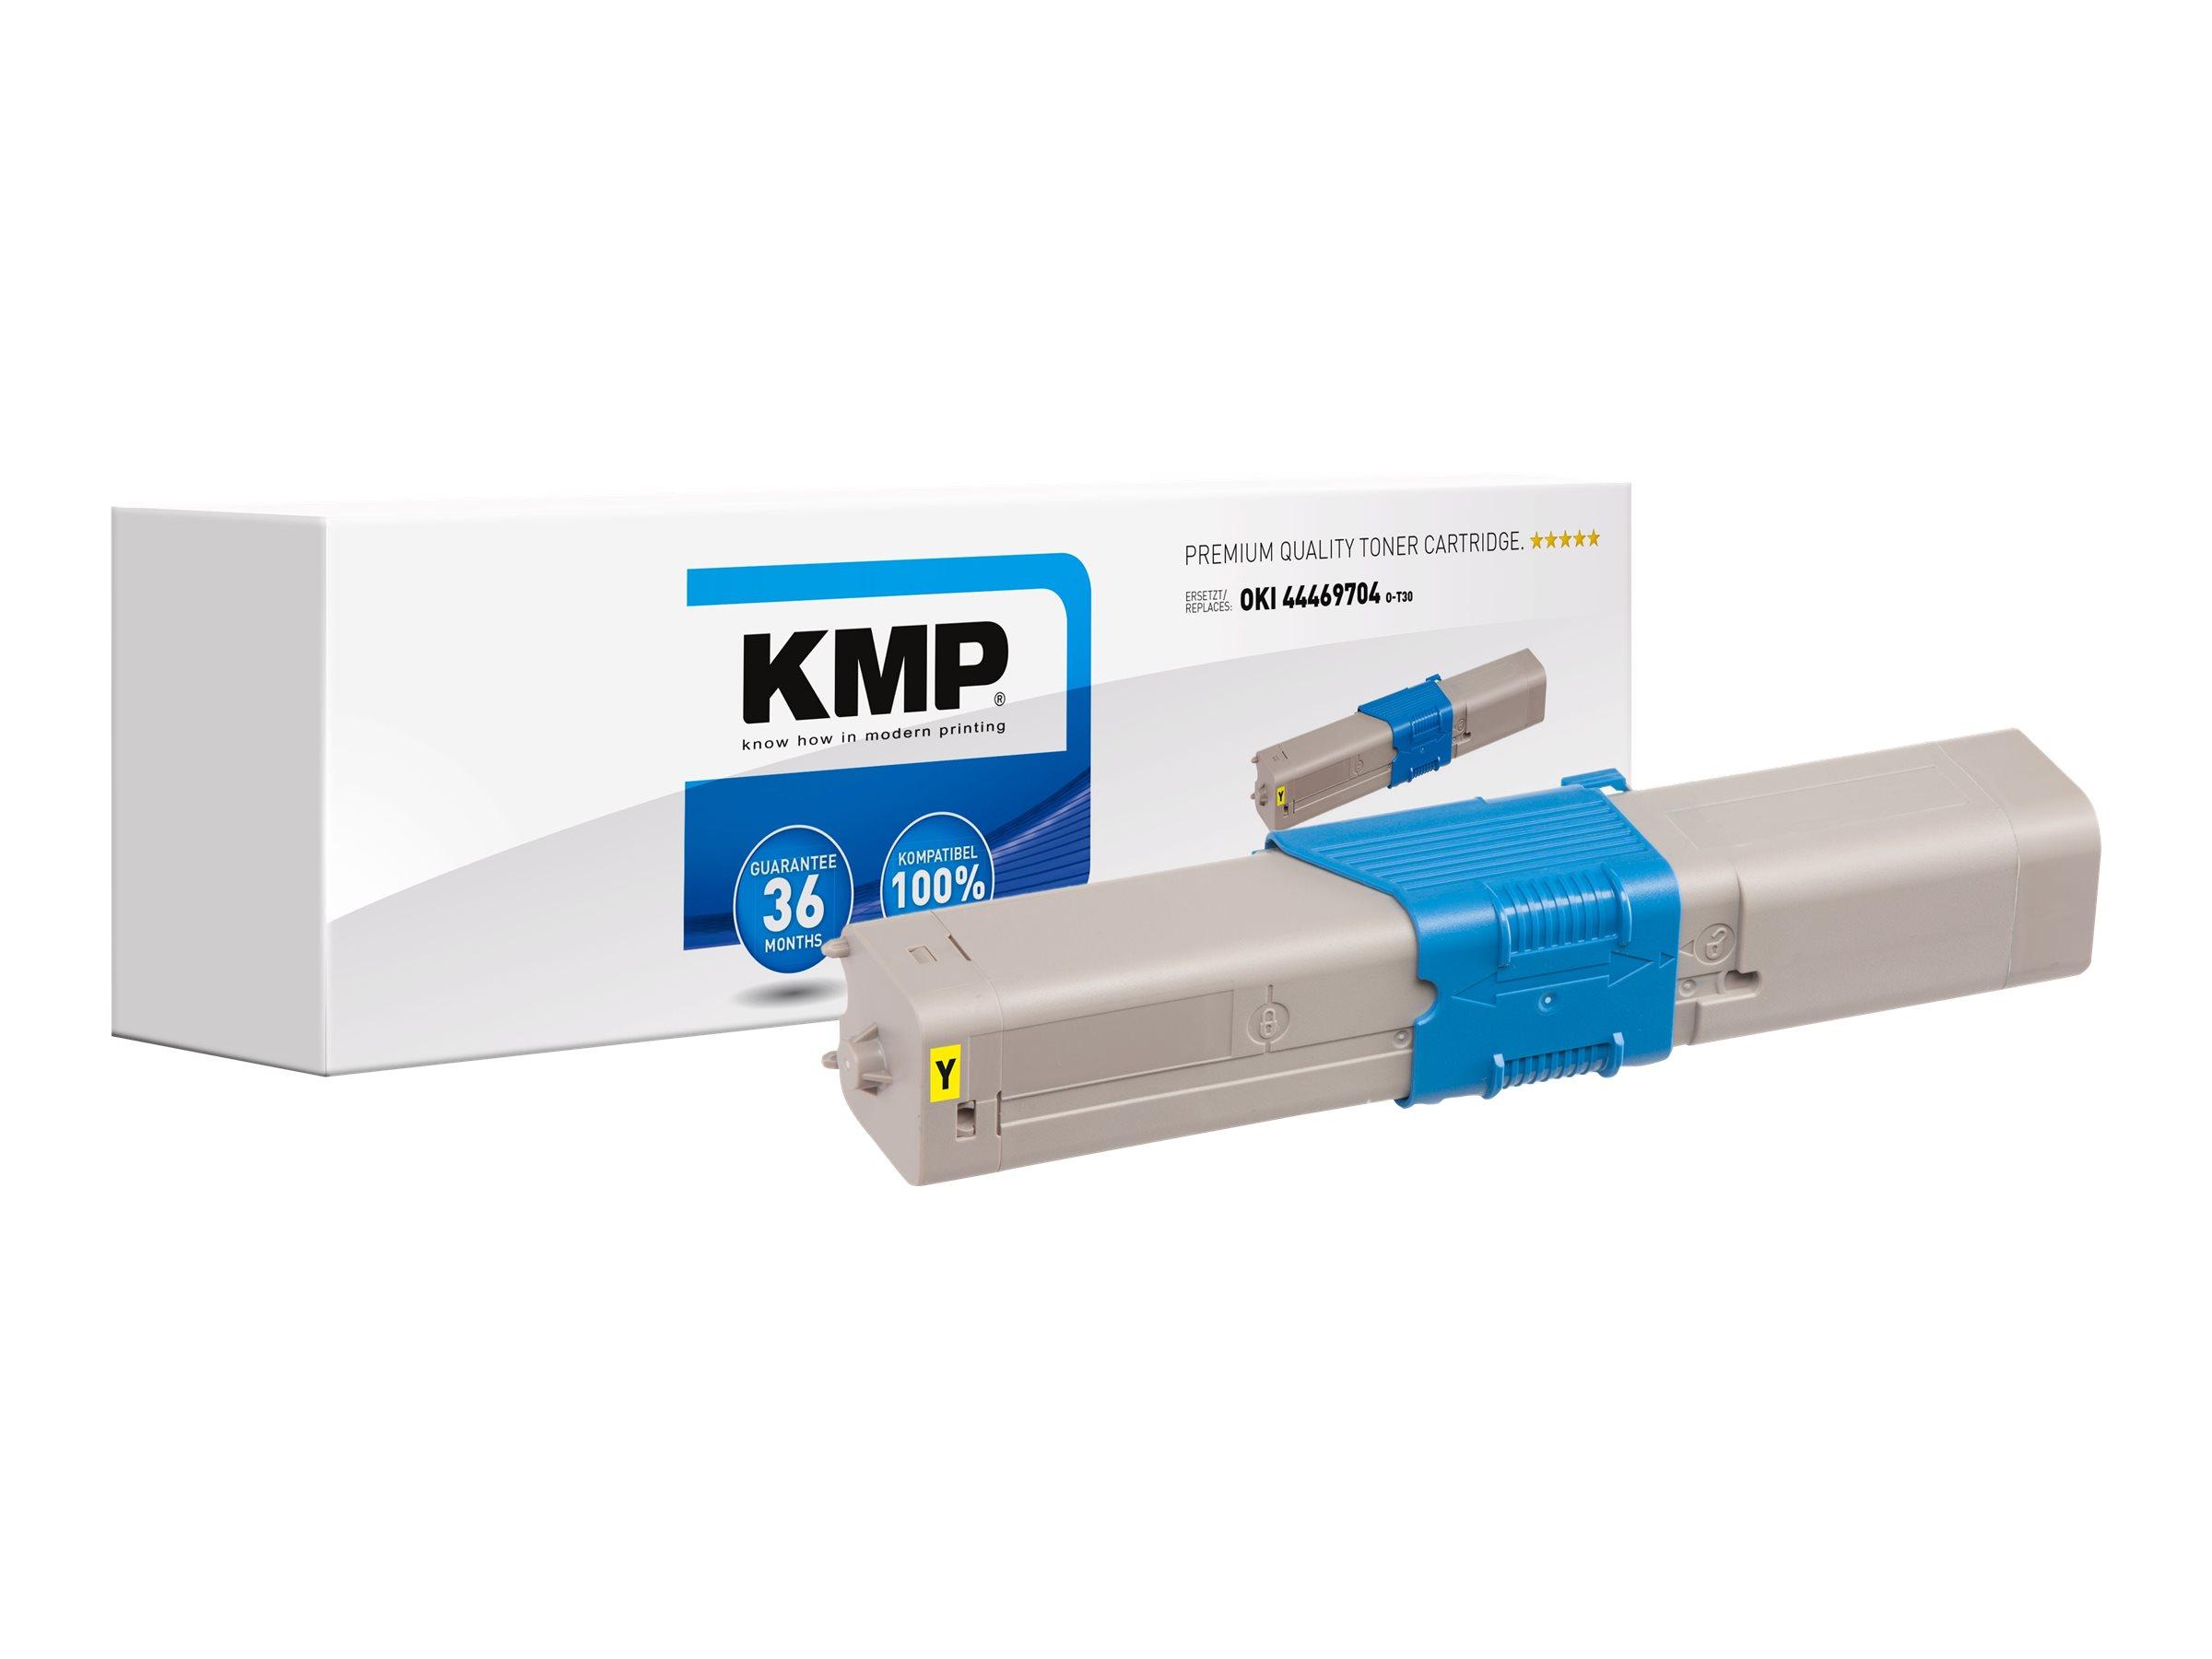 Vorschau: KMP O-T30 - 50 g - Gelb - compatible - Tonerpatrone